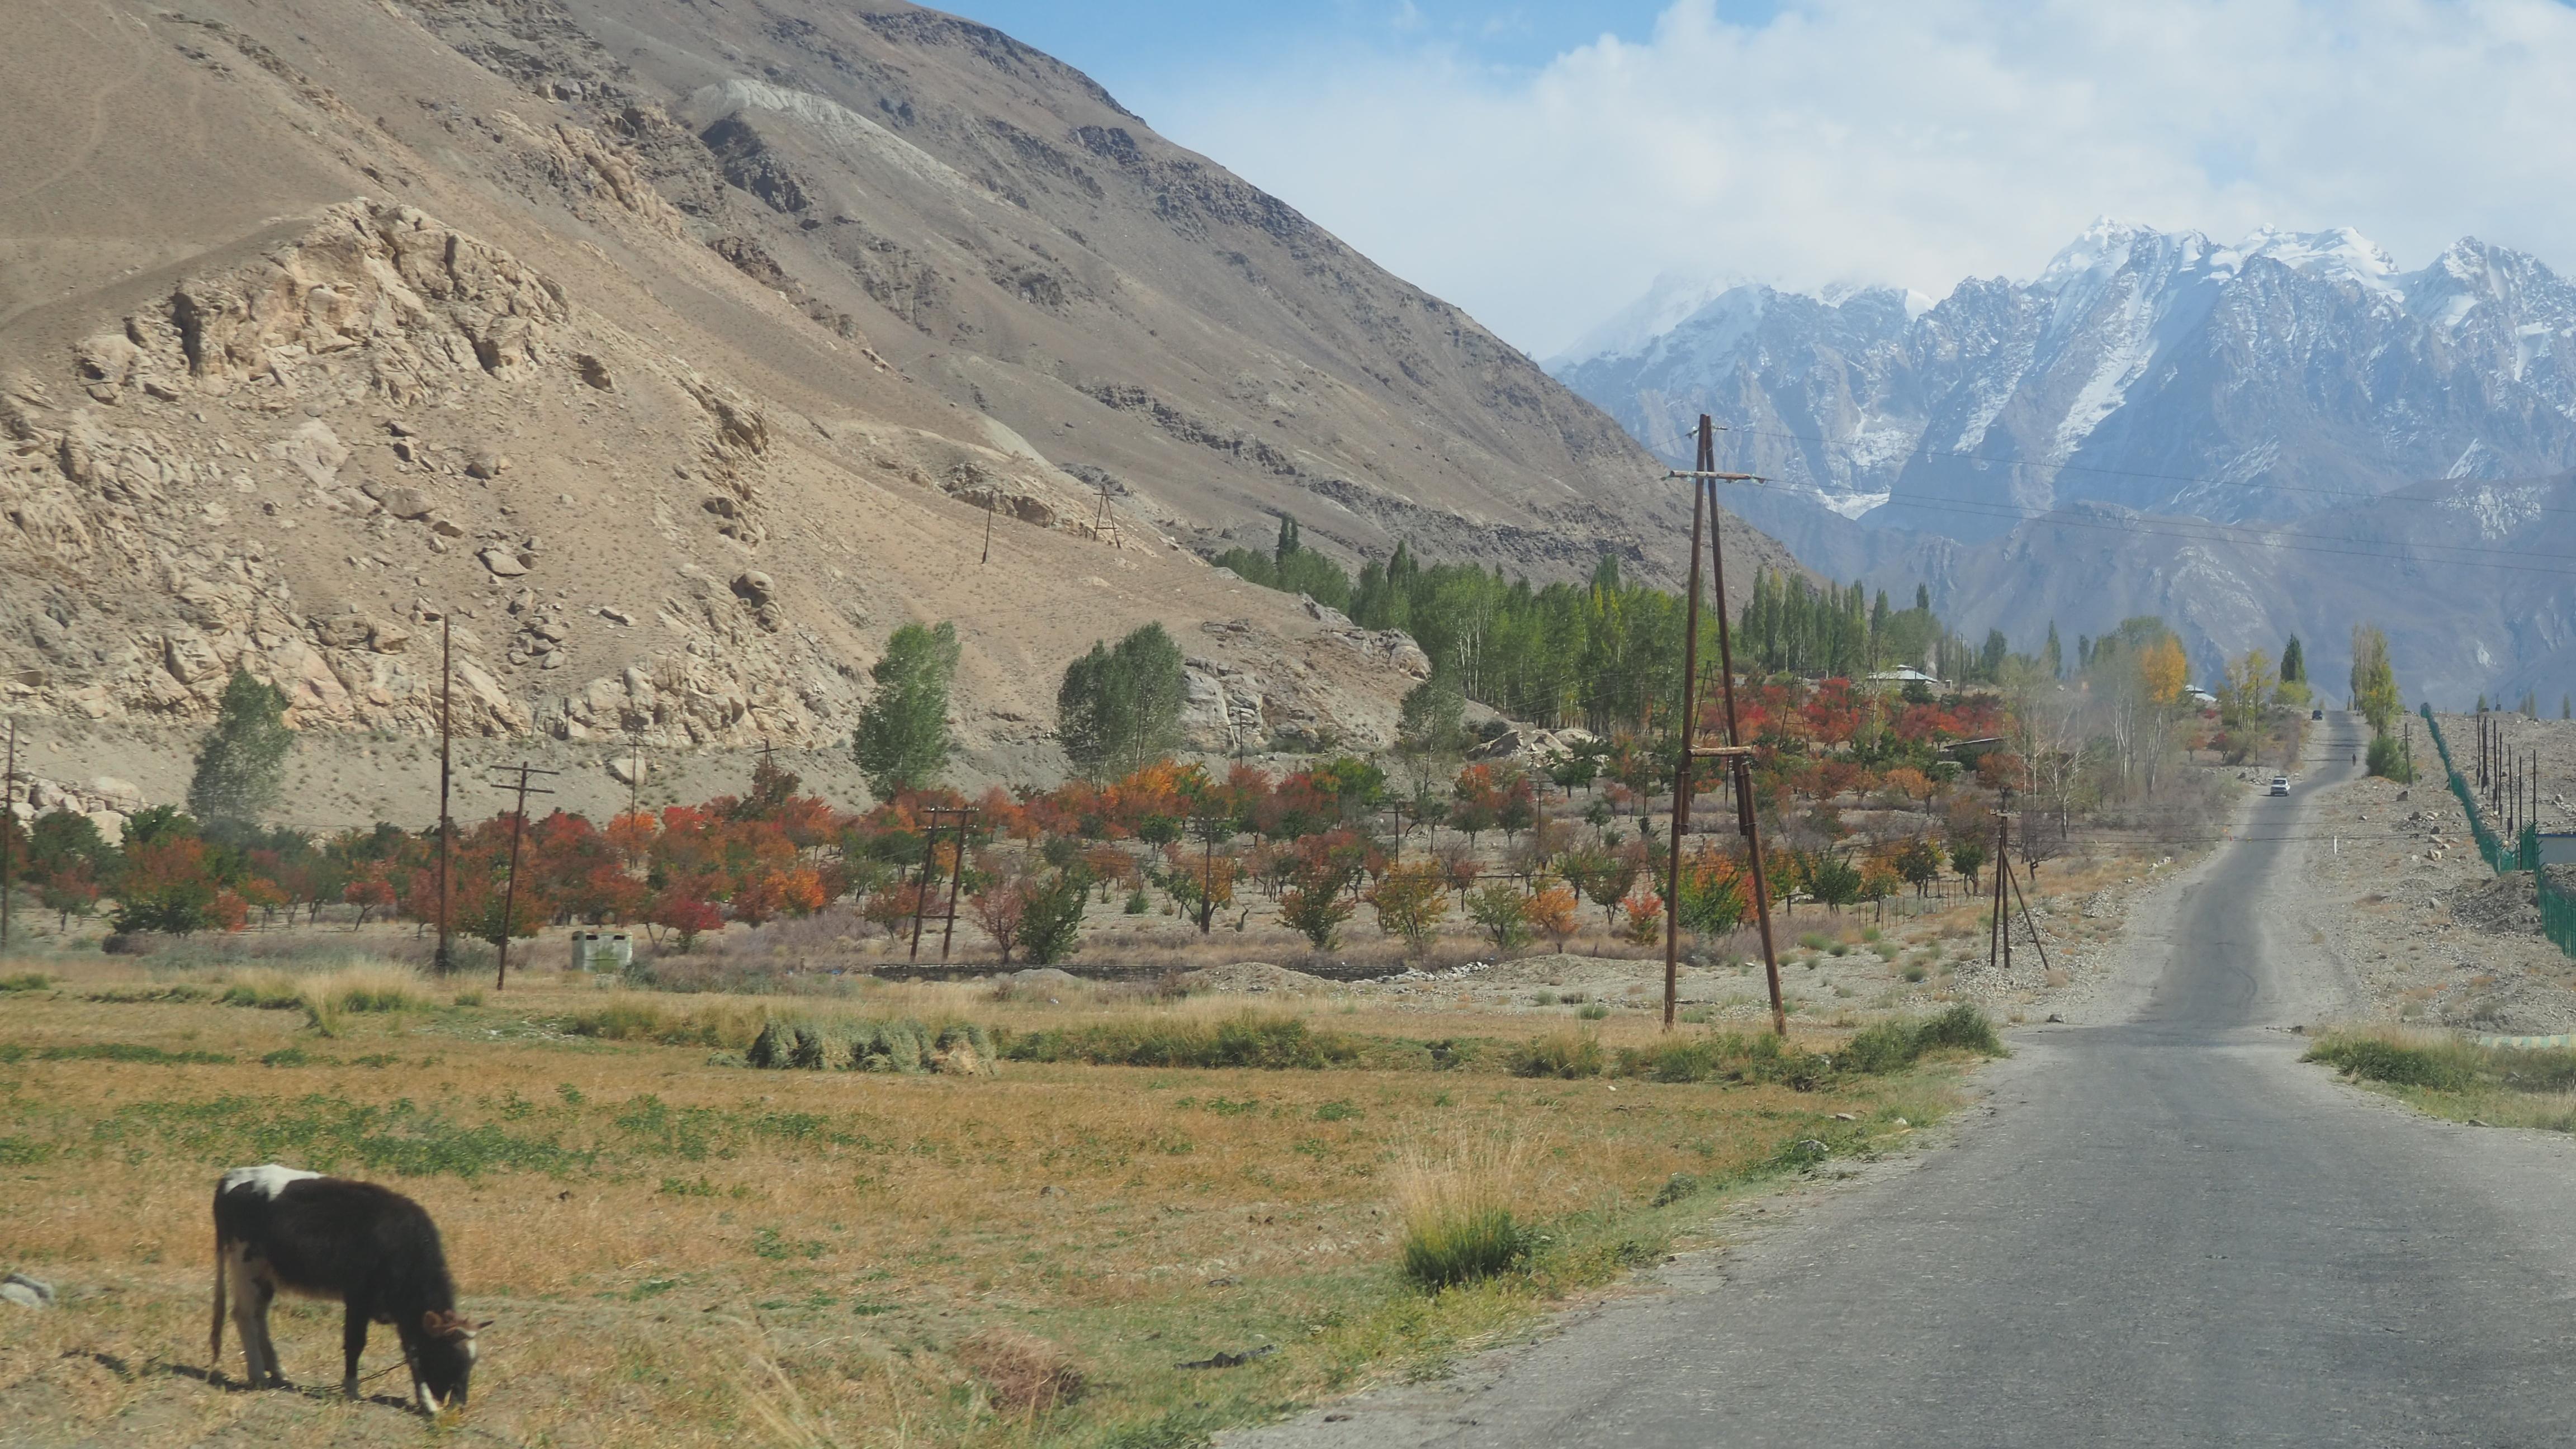 De mooie valleien en hoge bergpassen van de Pamir Highway